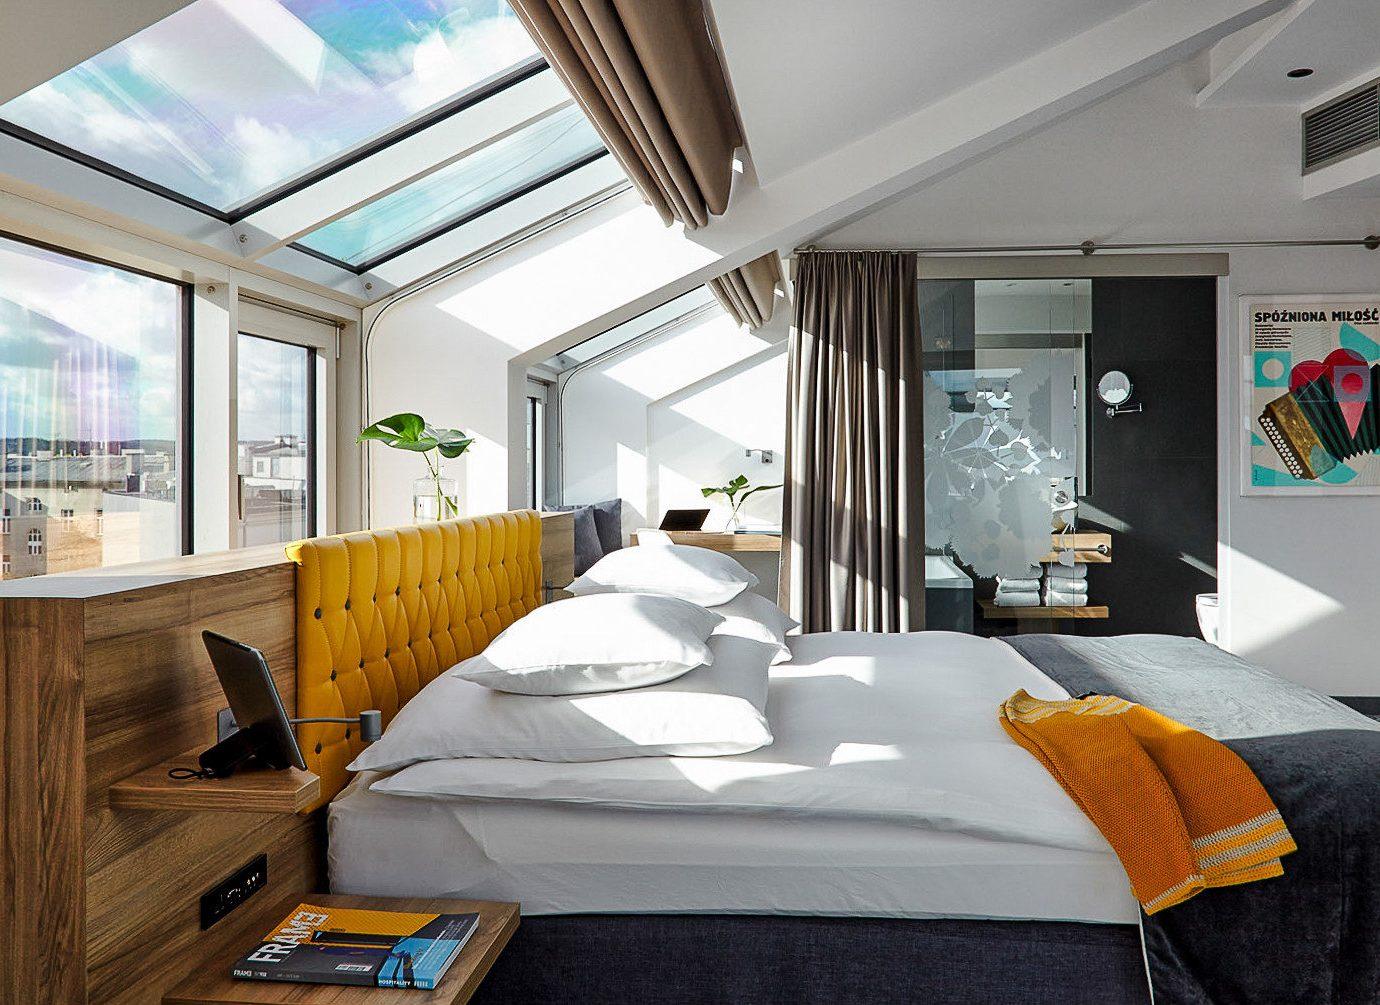 Trip Ideas indoor window room interior design ceiling Bedroom Suite real estate penthouse apartment interior designer furniture